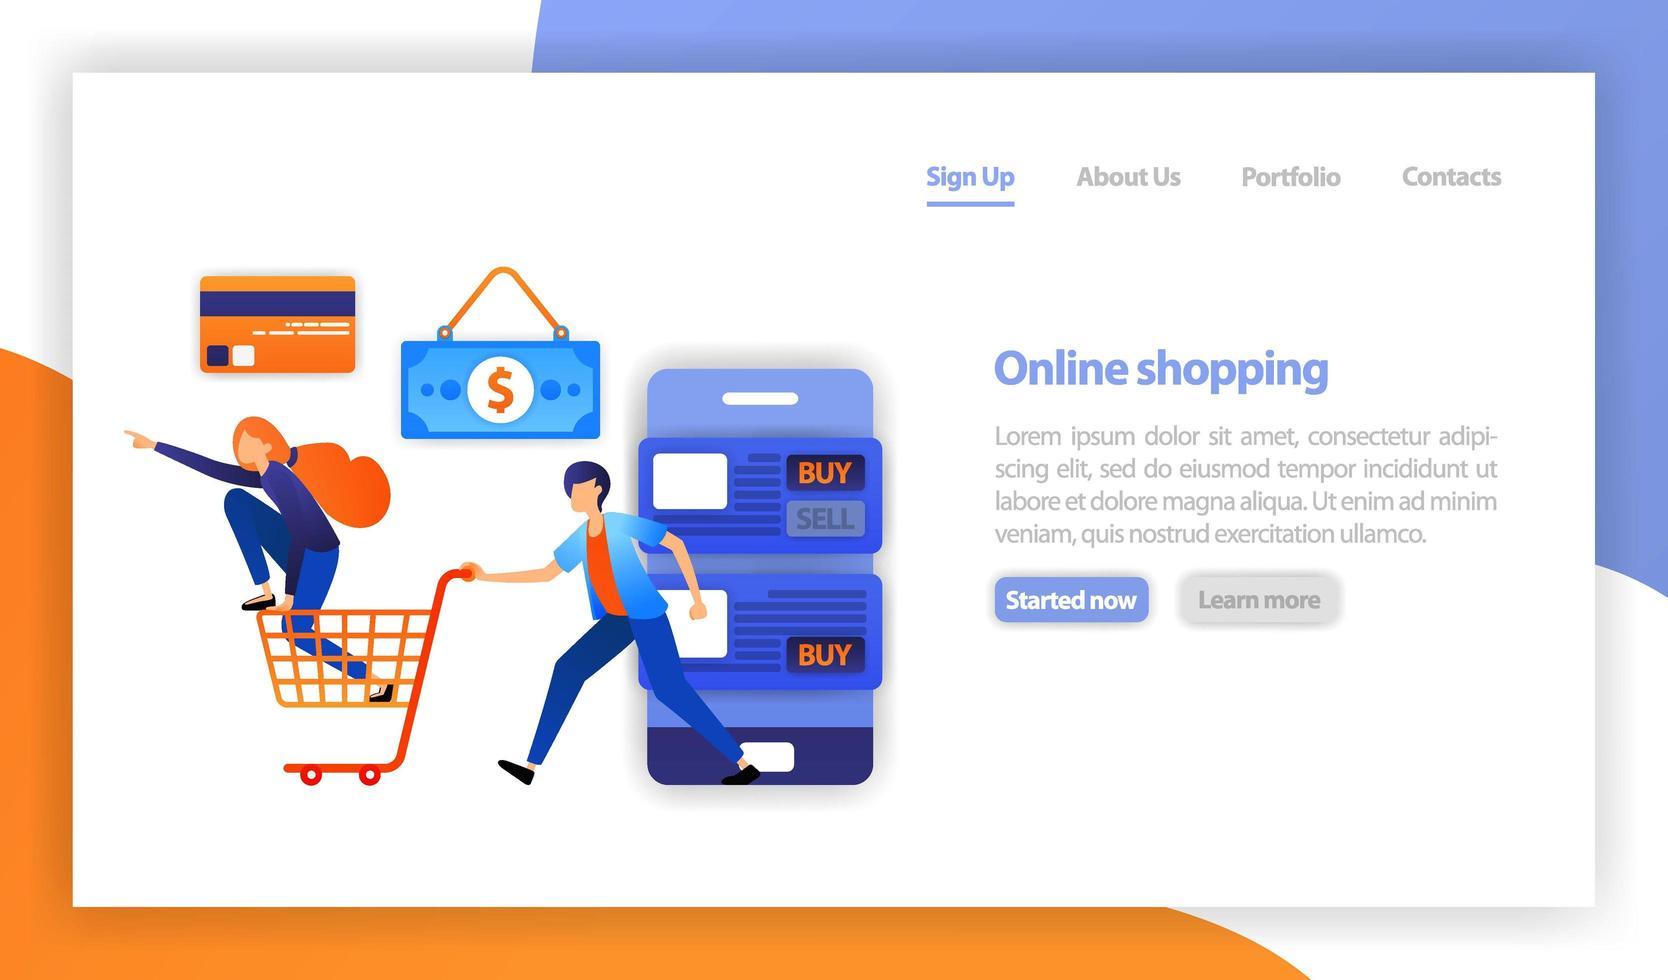 platt vektorillustration för webb, banner, målsida, mobil ui ux. online shopping koncept. rabatter och kampanjer. mobil shopping. handel och köp. shopaholic flickor som står på en varukorg vektor